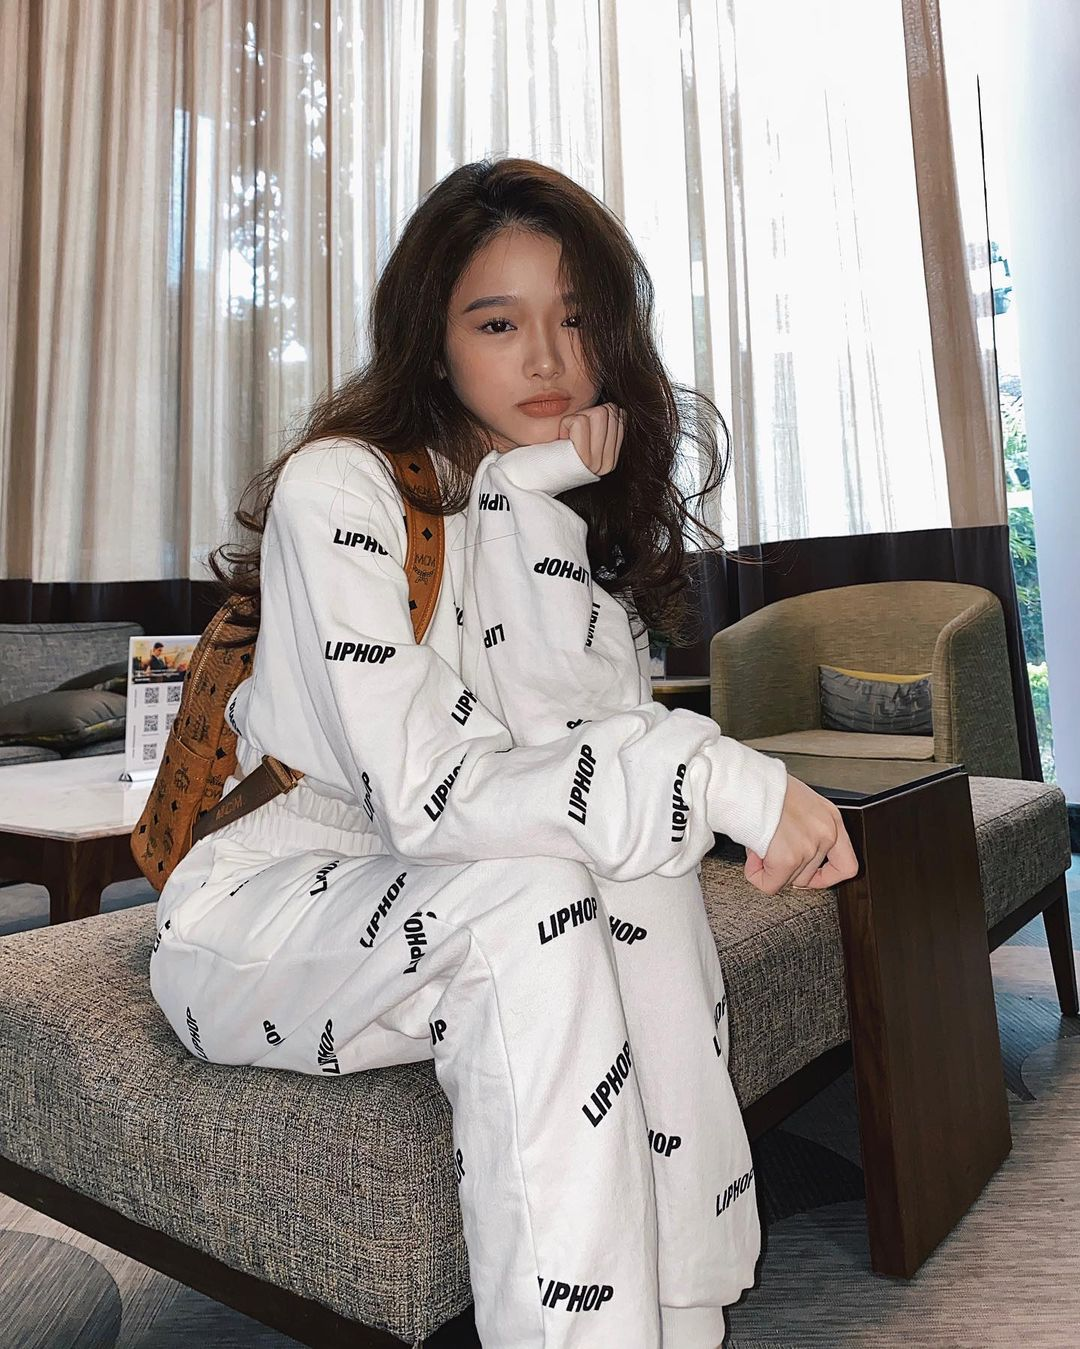 """Tóc Tiên, Linh Ka chênh nhau cả giáp vẫn đụng hàng """"nảy lửa"""", lại xuất hiện trên Instagram của thương hiệu Hàn - Ảnh 3."""